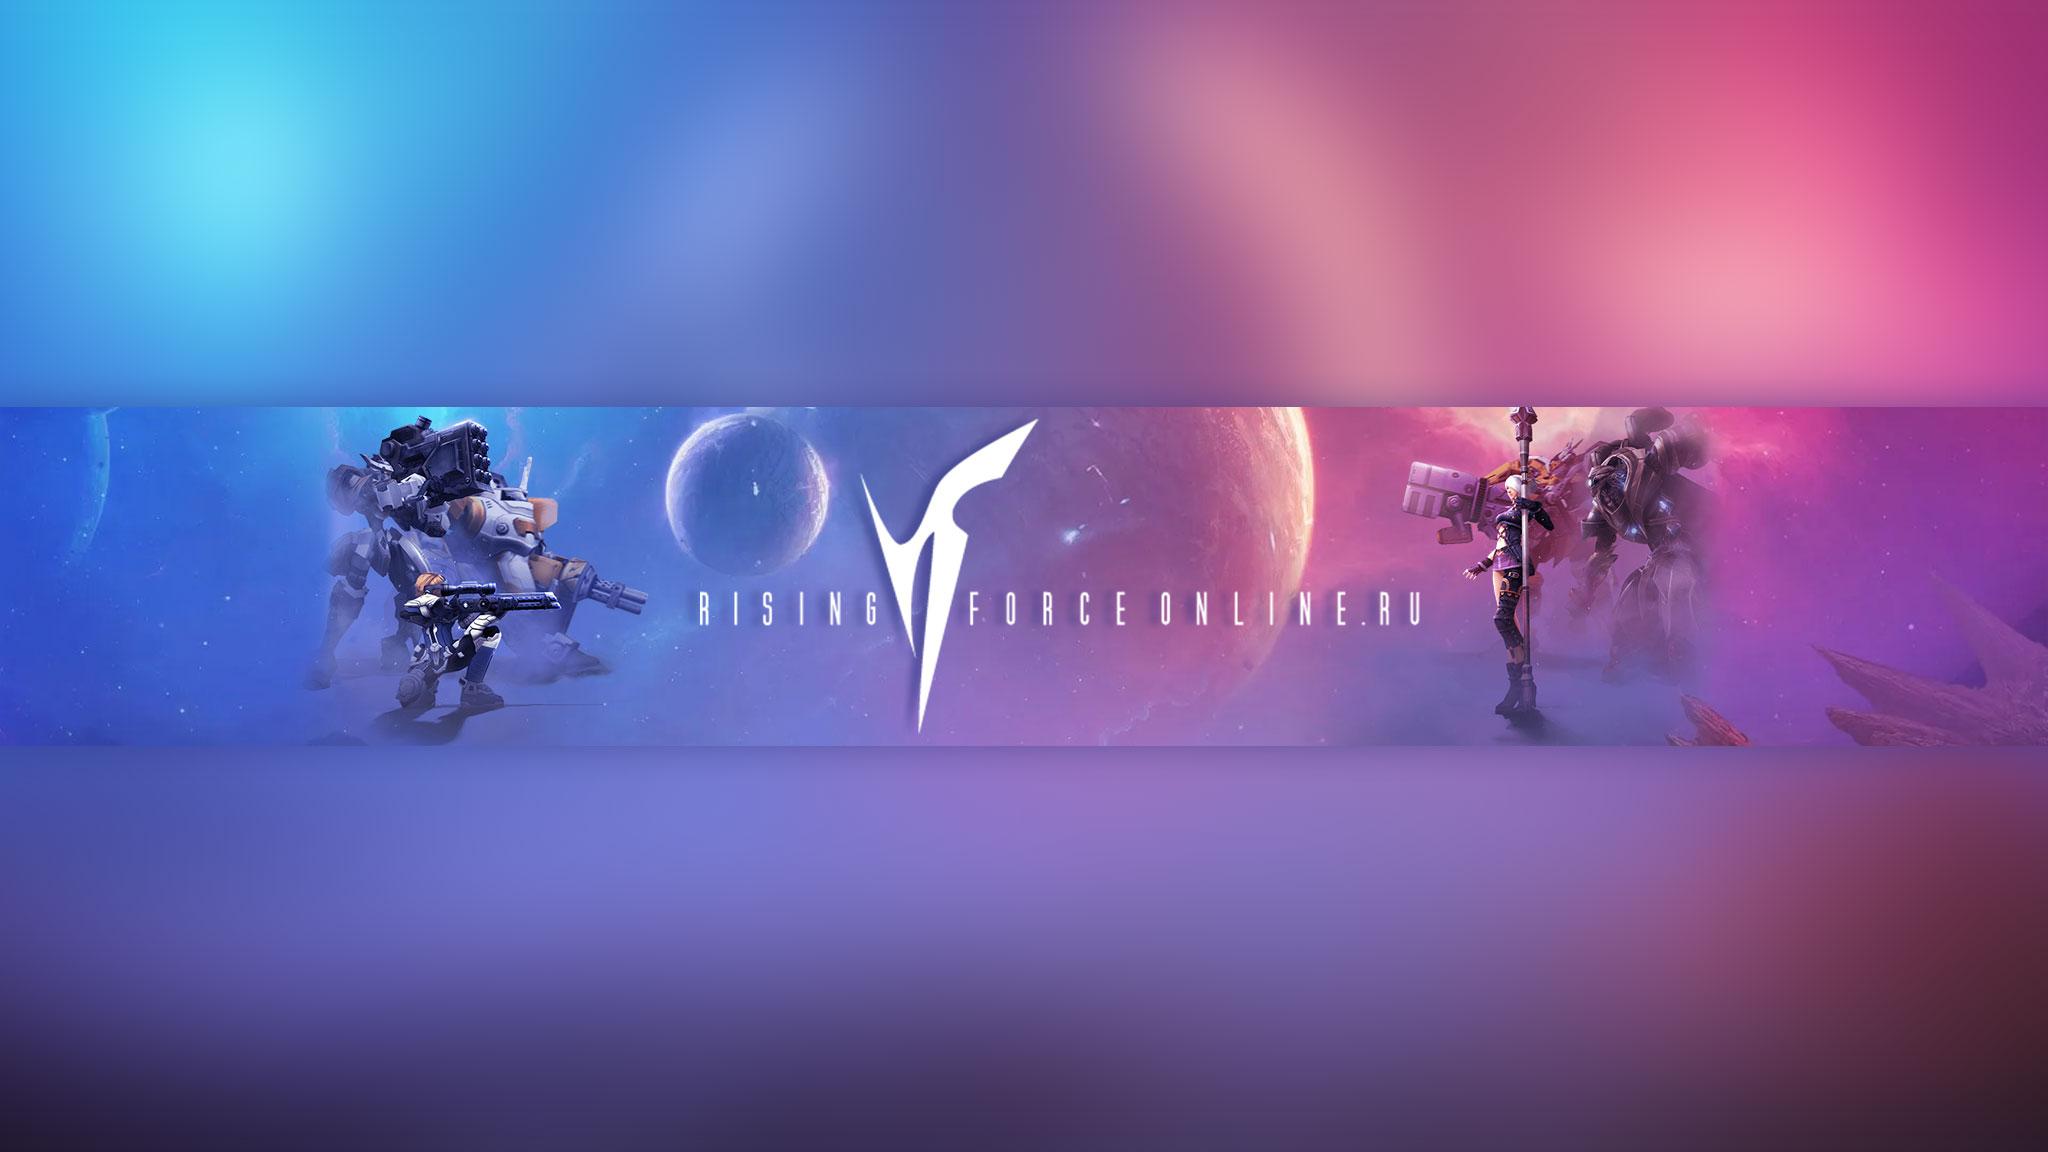 Пурпурная обложка для канала по космической игре RF Online.